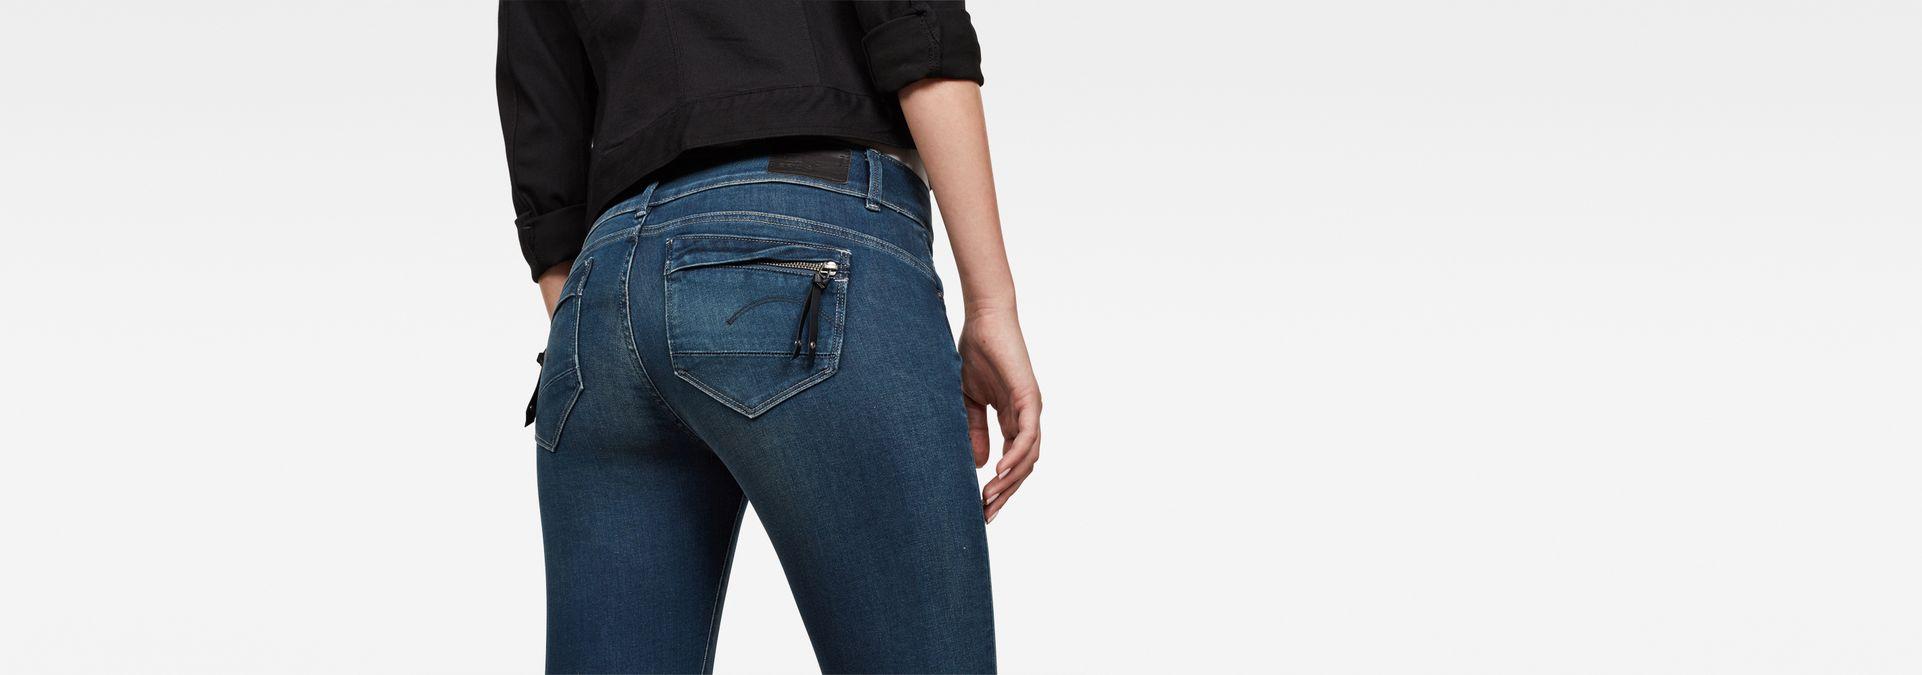 Midge Cody Mid Waist Skinny Jeans | Power Wash | G Star RAW®